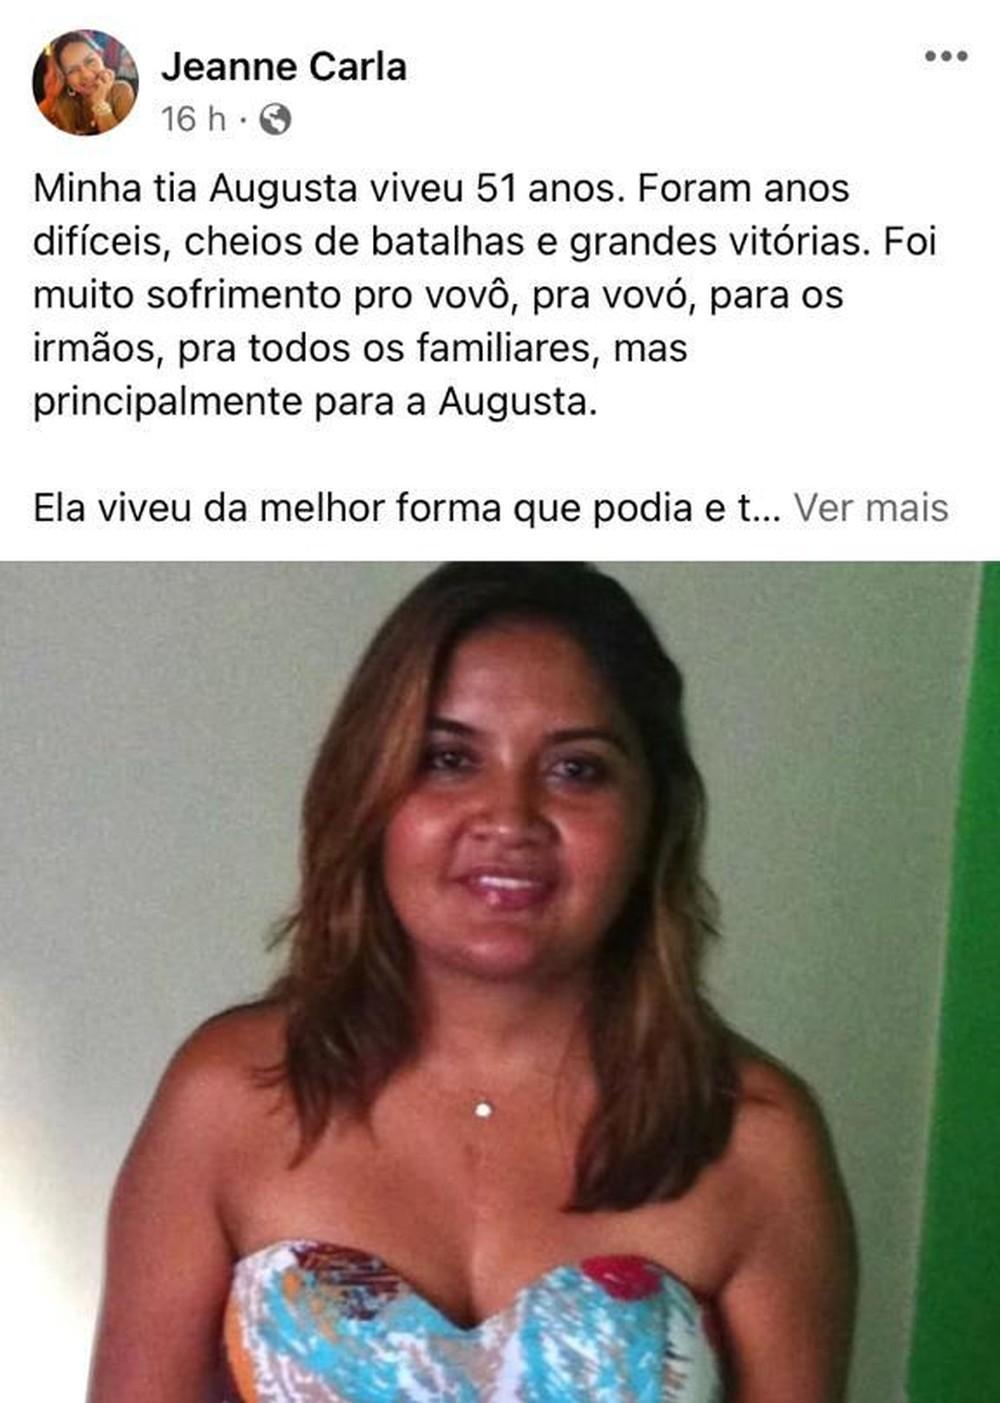 Sobrinha de Augusta Anjos comentou a morte da tia nas redes sociais. Vendedora havia recebido o coração de Eloá Pimentel em 2008, mas morreu em decorrência de complicações da Covid, segundo a família — Foto: Reprodução/Arquivo pessoal